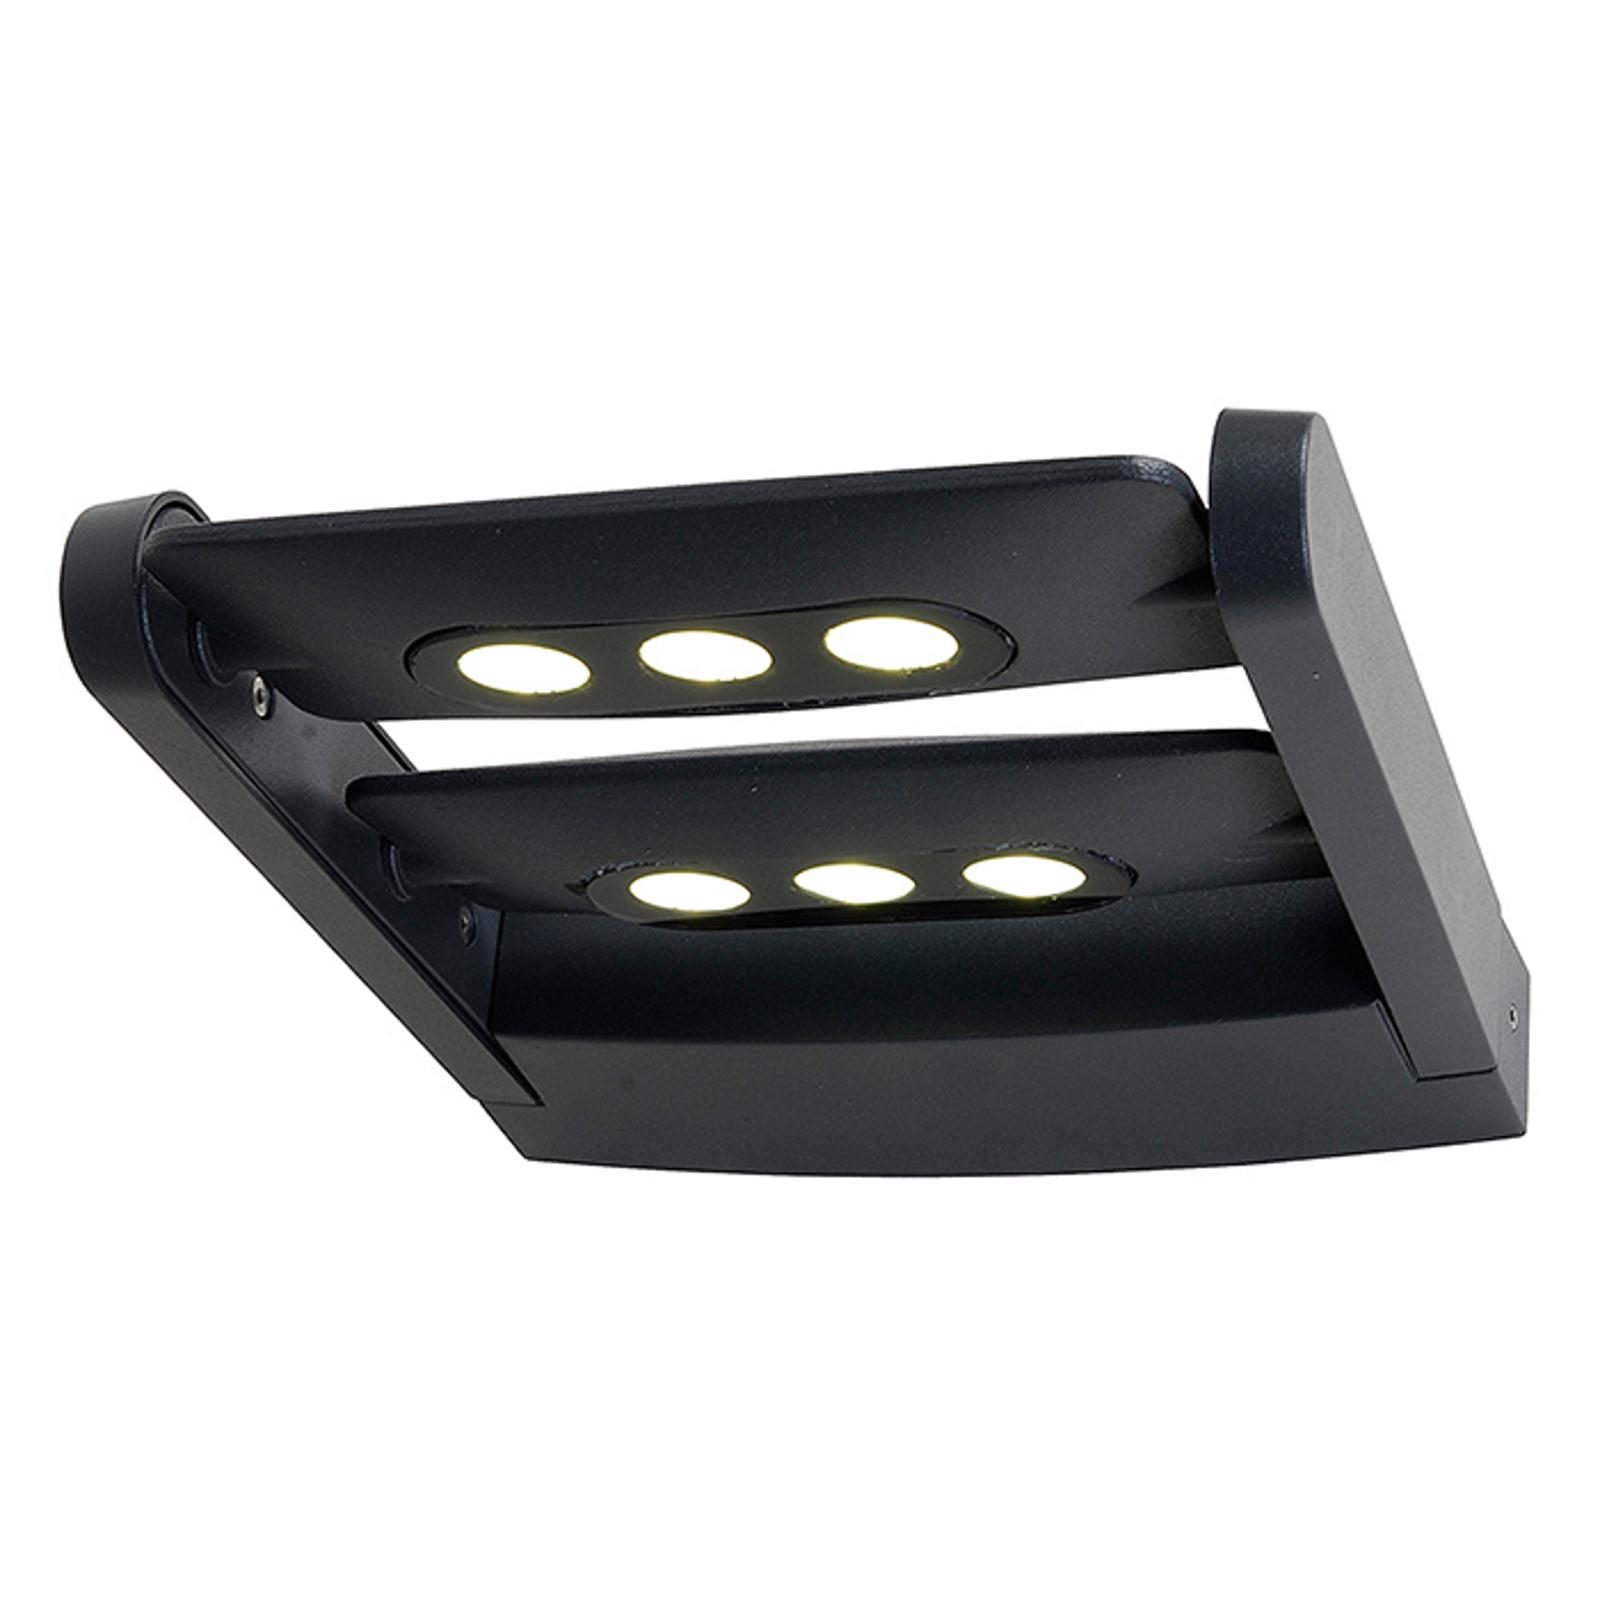 Led-buitenwandlamp KEIRAN DUO met 6 POWER-leds